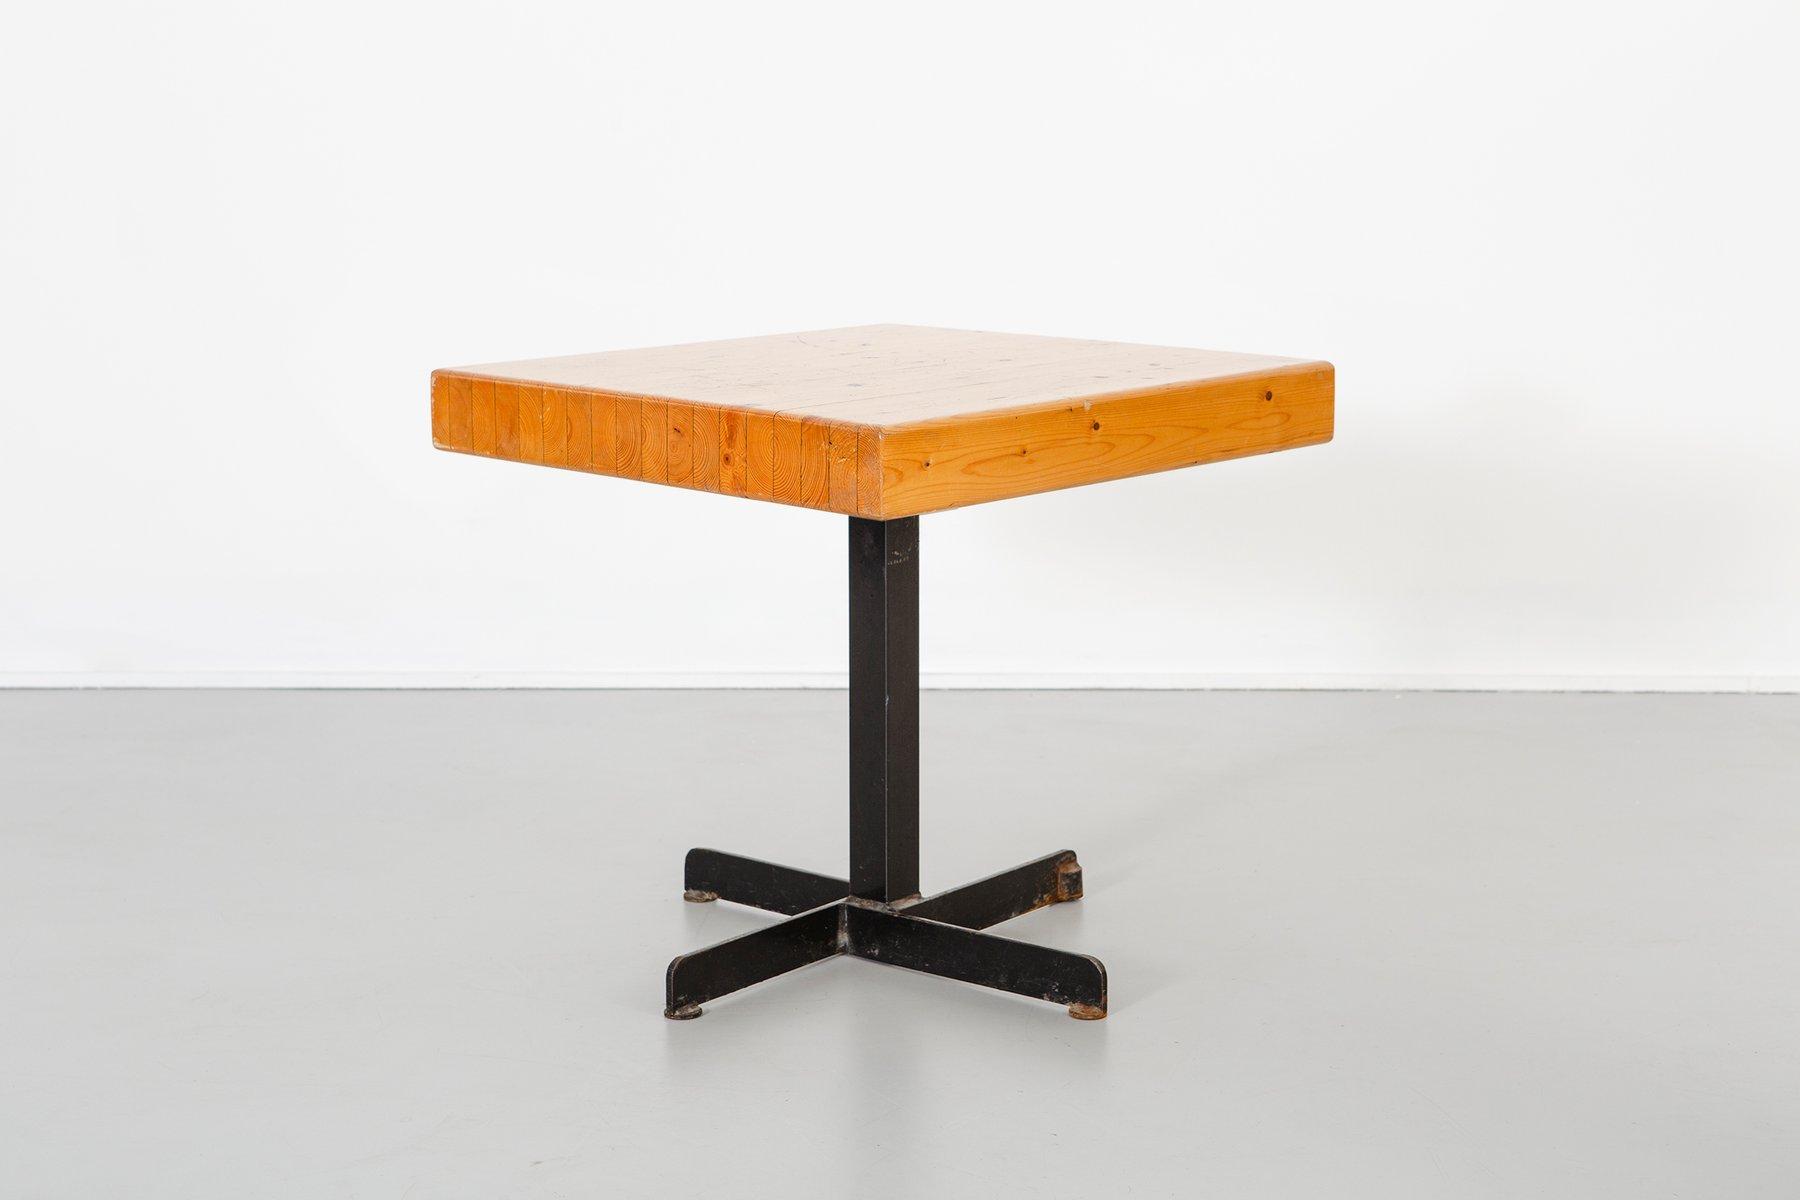 anpassbarer quadratischer vintage les arcs tisch von charlotte perriand bei pamono kaufen. Black Bedroom Furniture Sets. Home Design Ideas